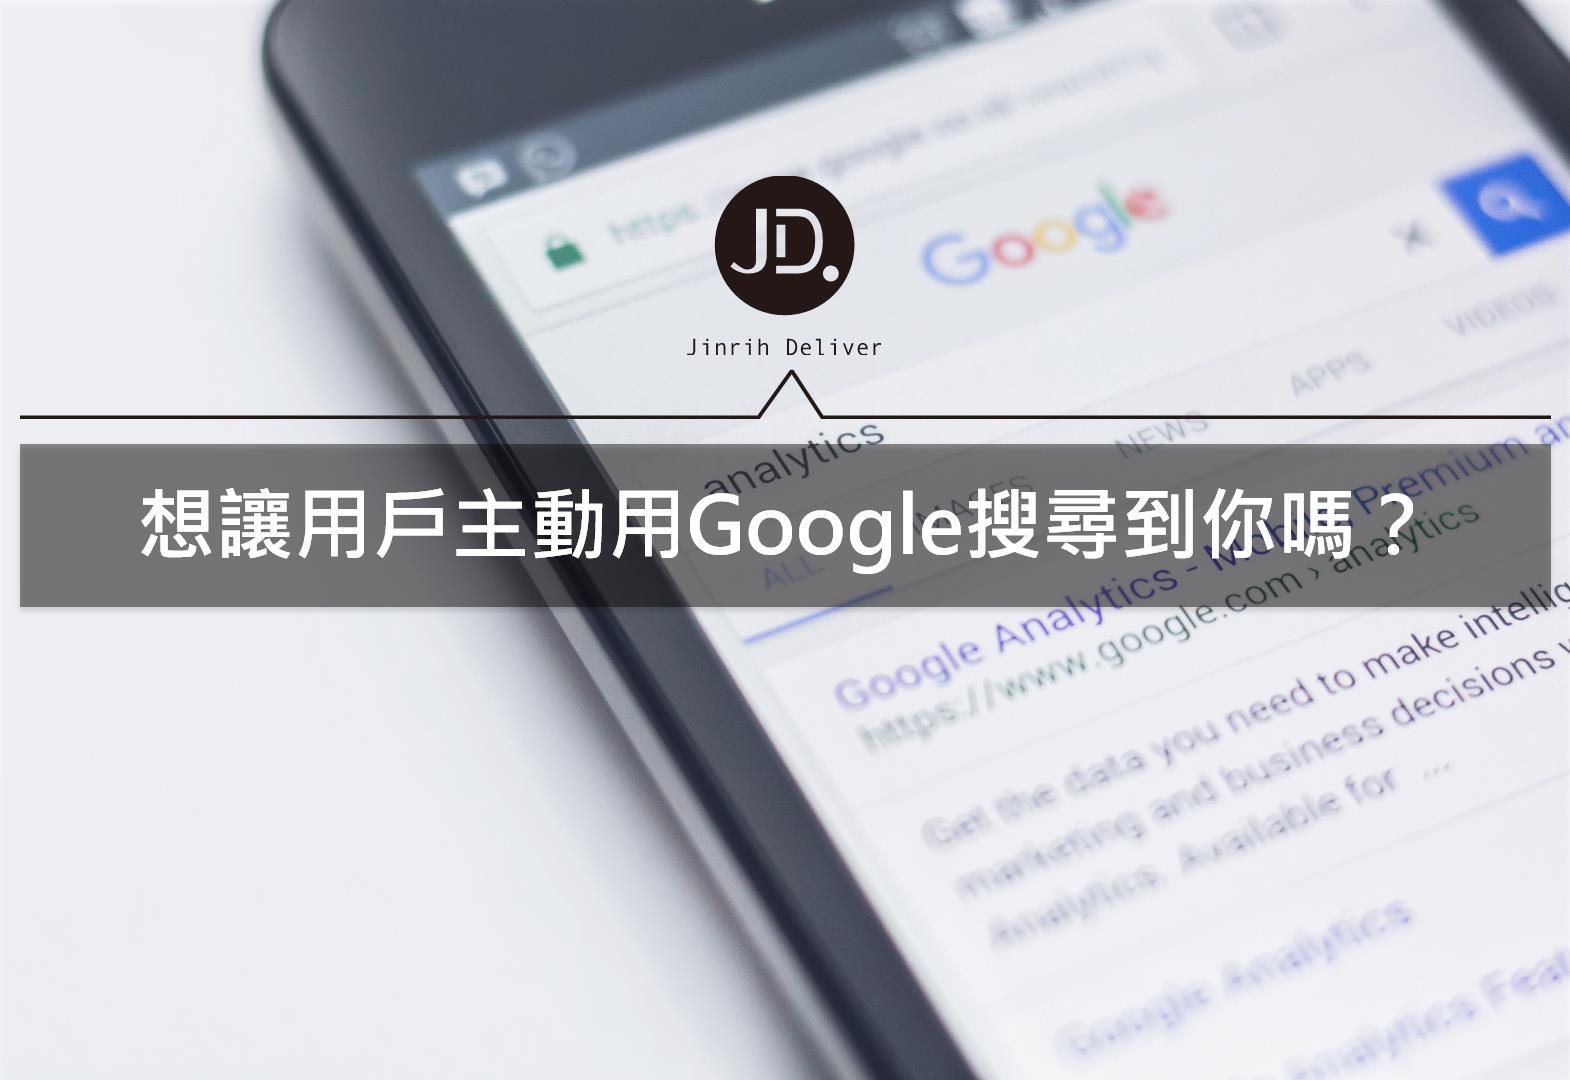 【SEO策略】官網行銷3大解析,中小企業需要品牌網站嗎?